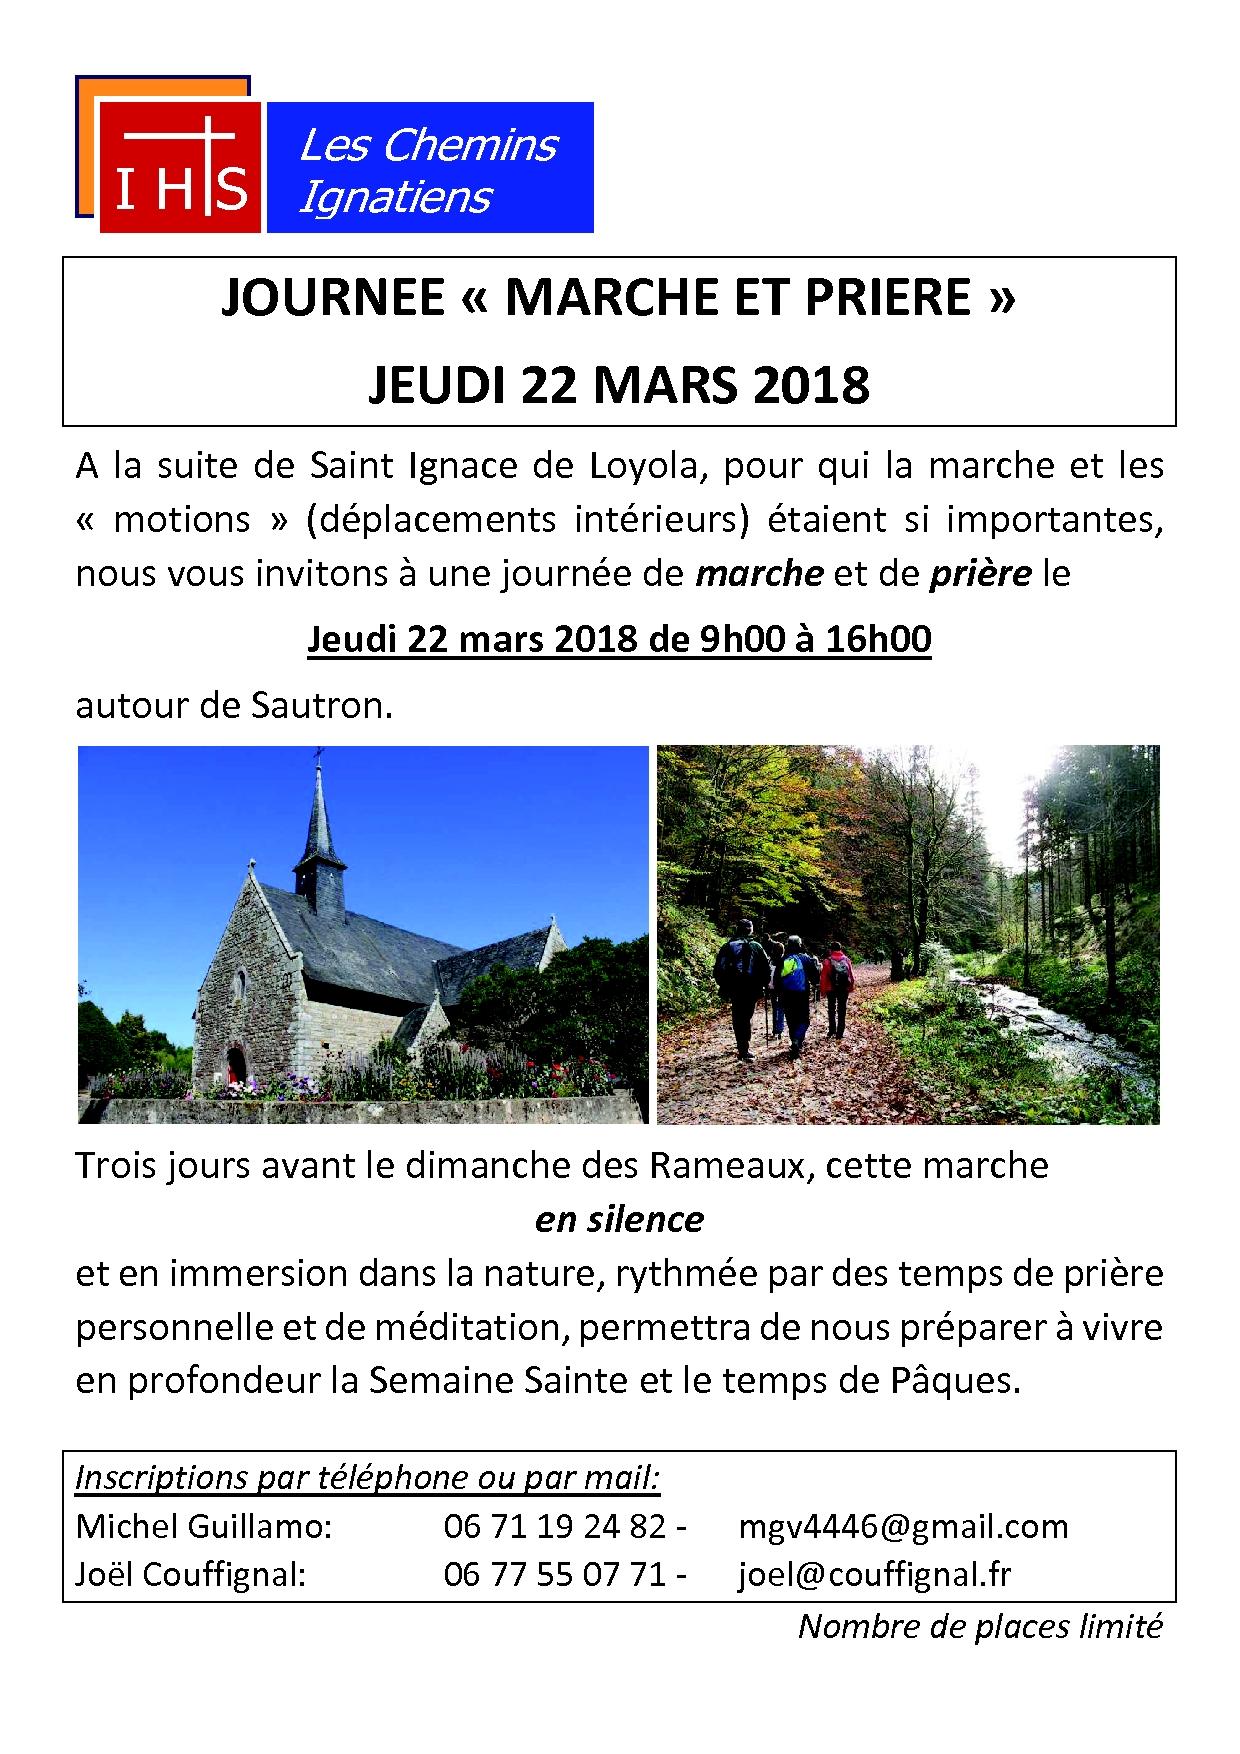 Affiche Marche et prière Sautron 2018